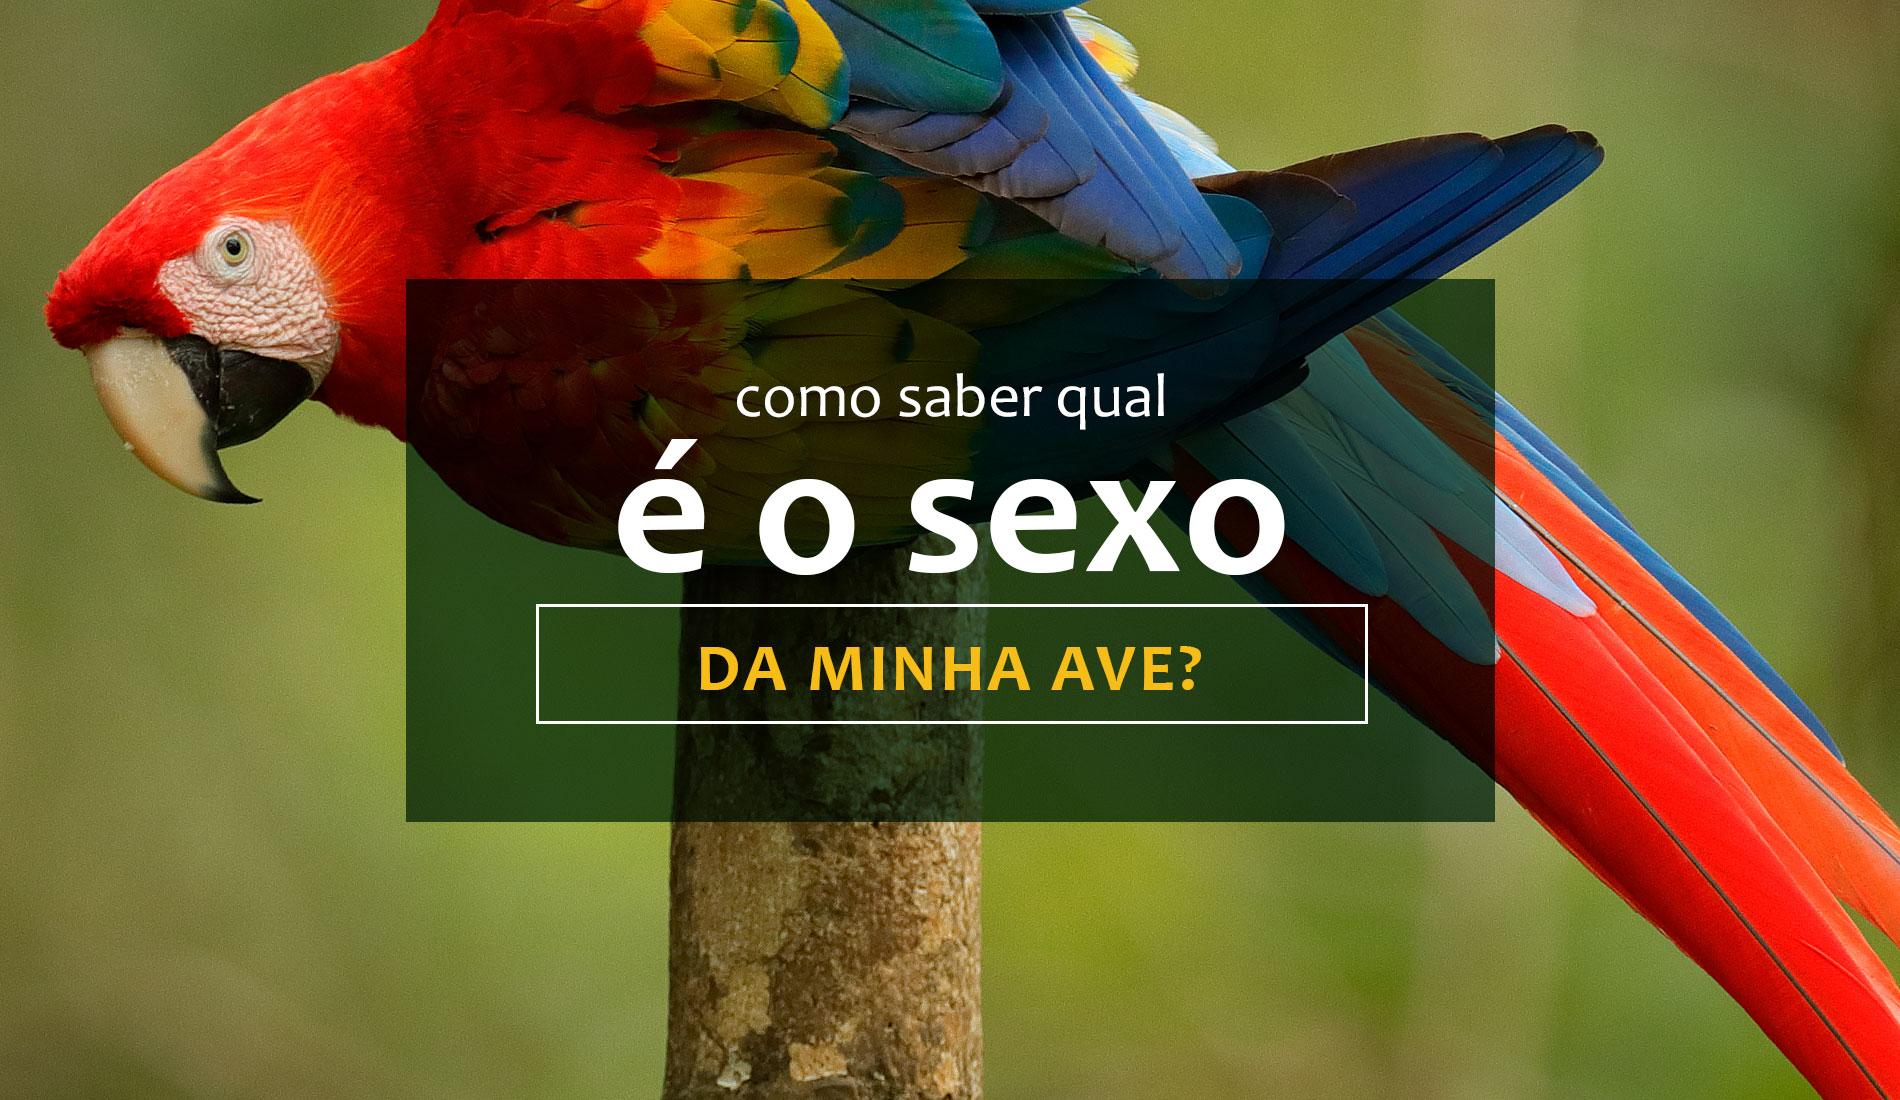 Veja aqui como saber qual é o sexo da sua ave?